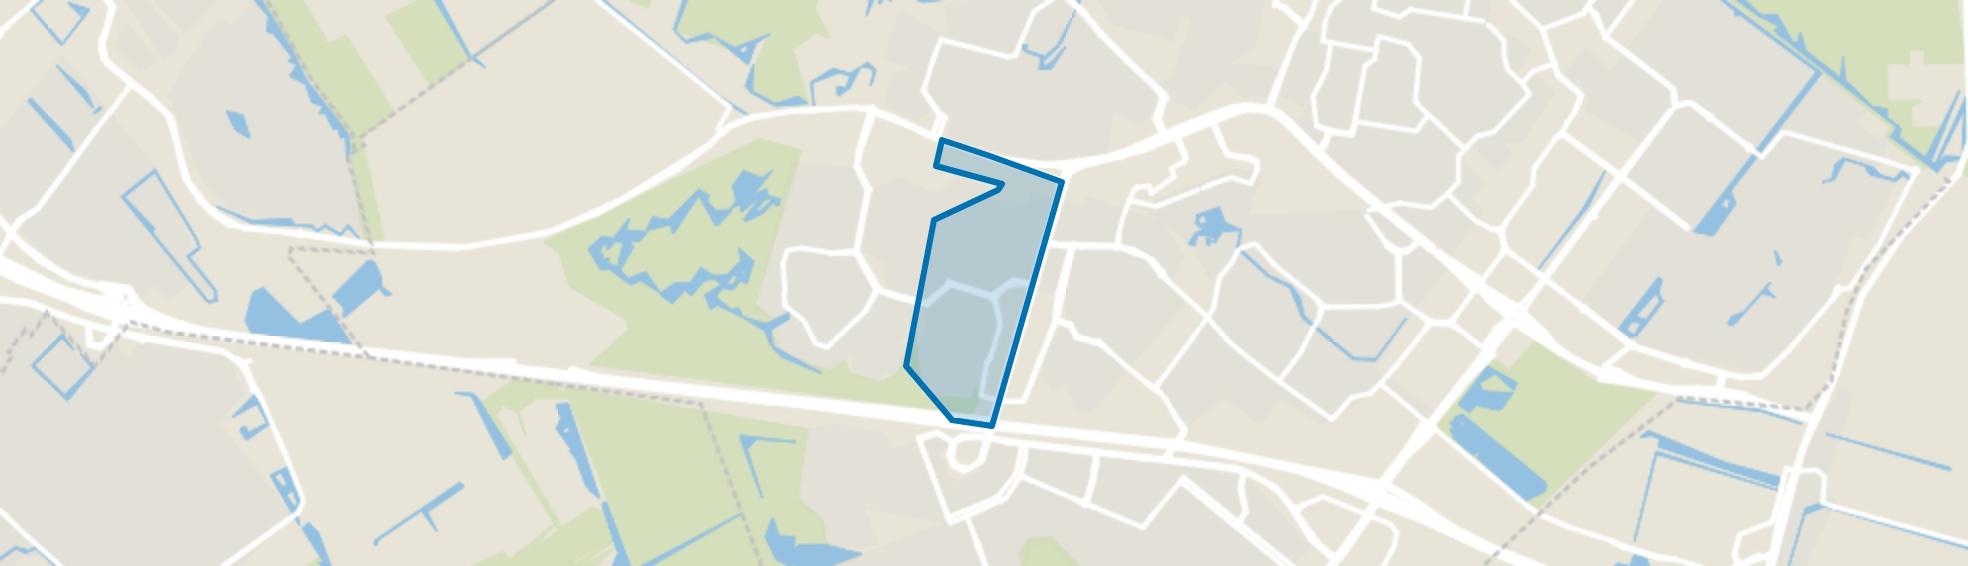 Meerzicht-Oost, Zoetermeer map